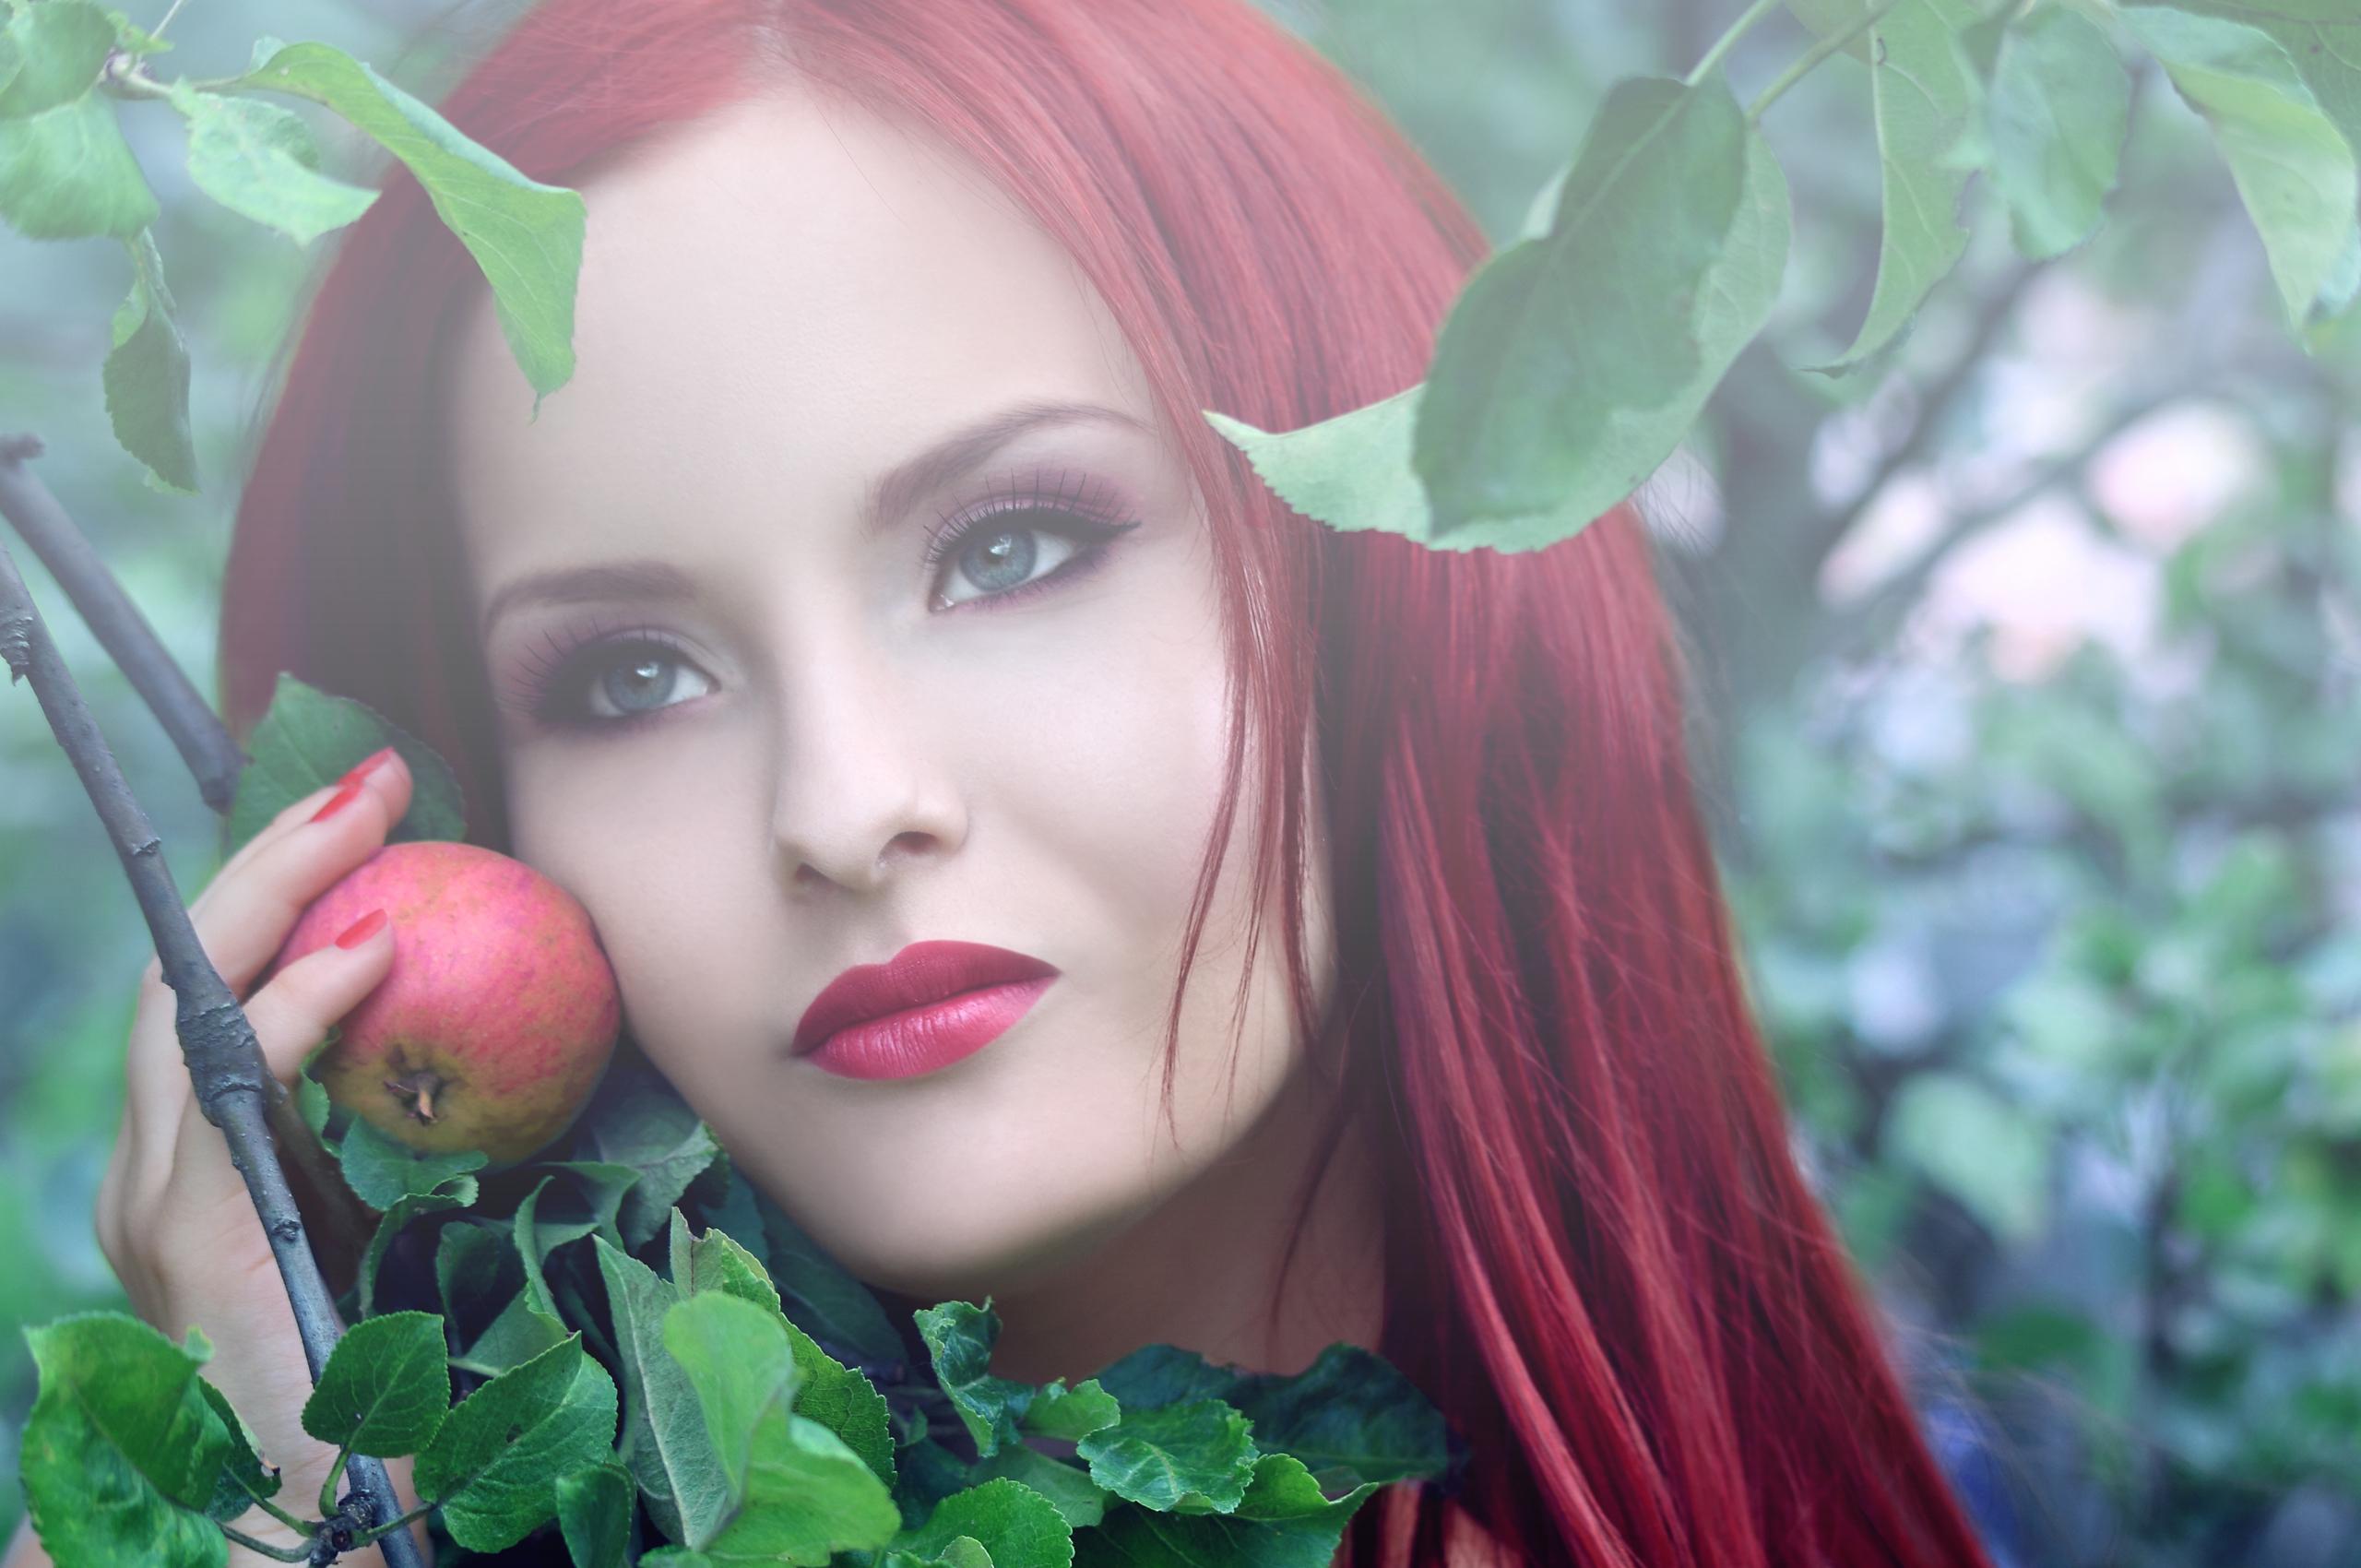 Рыжая накрашенная девушка  № 1940866 бесплатно